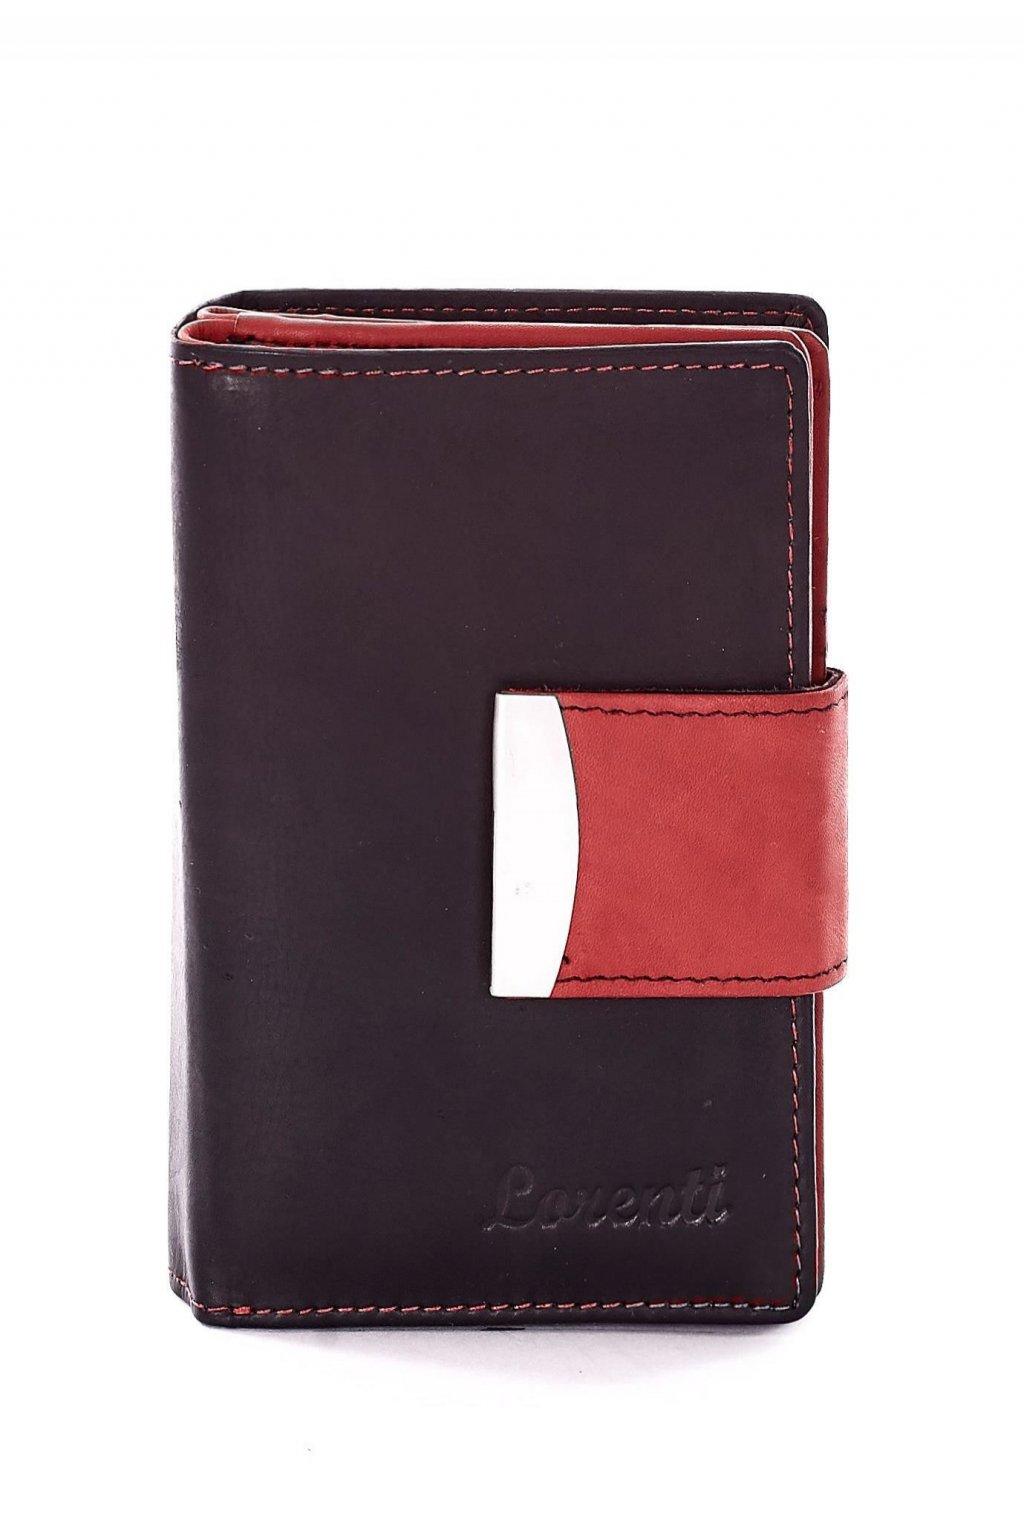 Červená dámska peňaženka